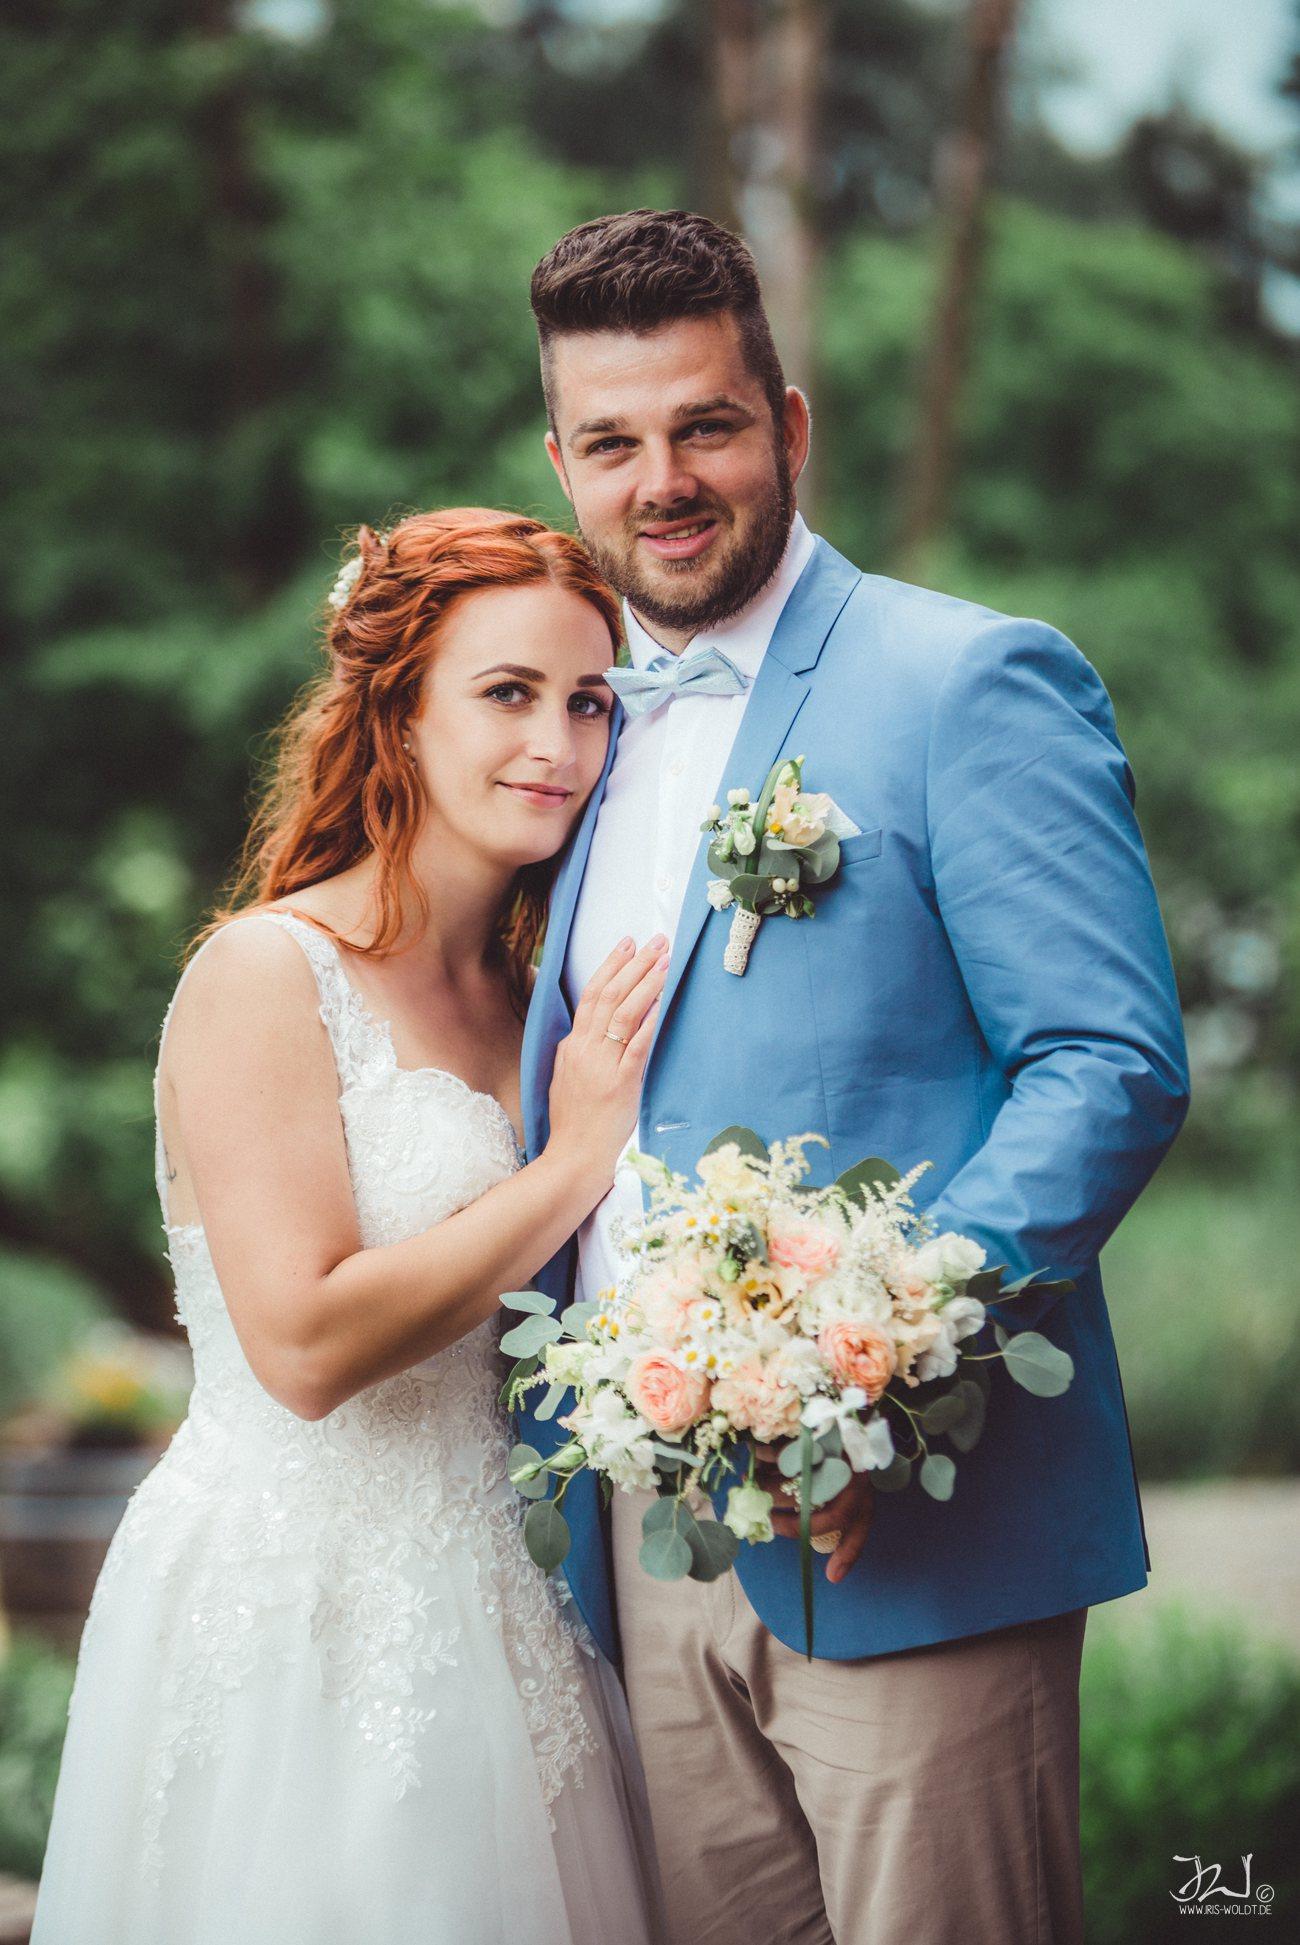 Hochzeitsfotograf_Altthymen_MuehleTornow_IrisWoldt 74